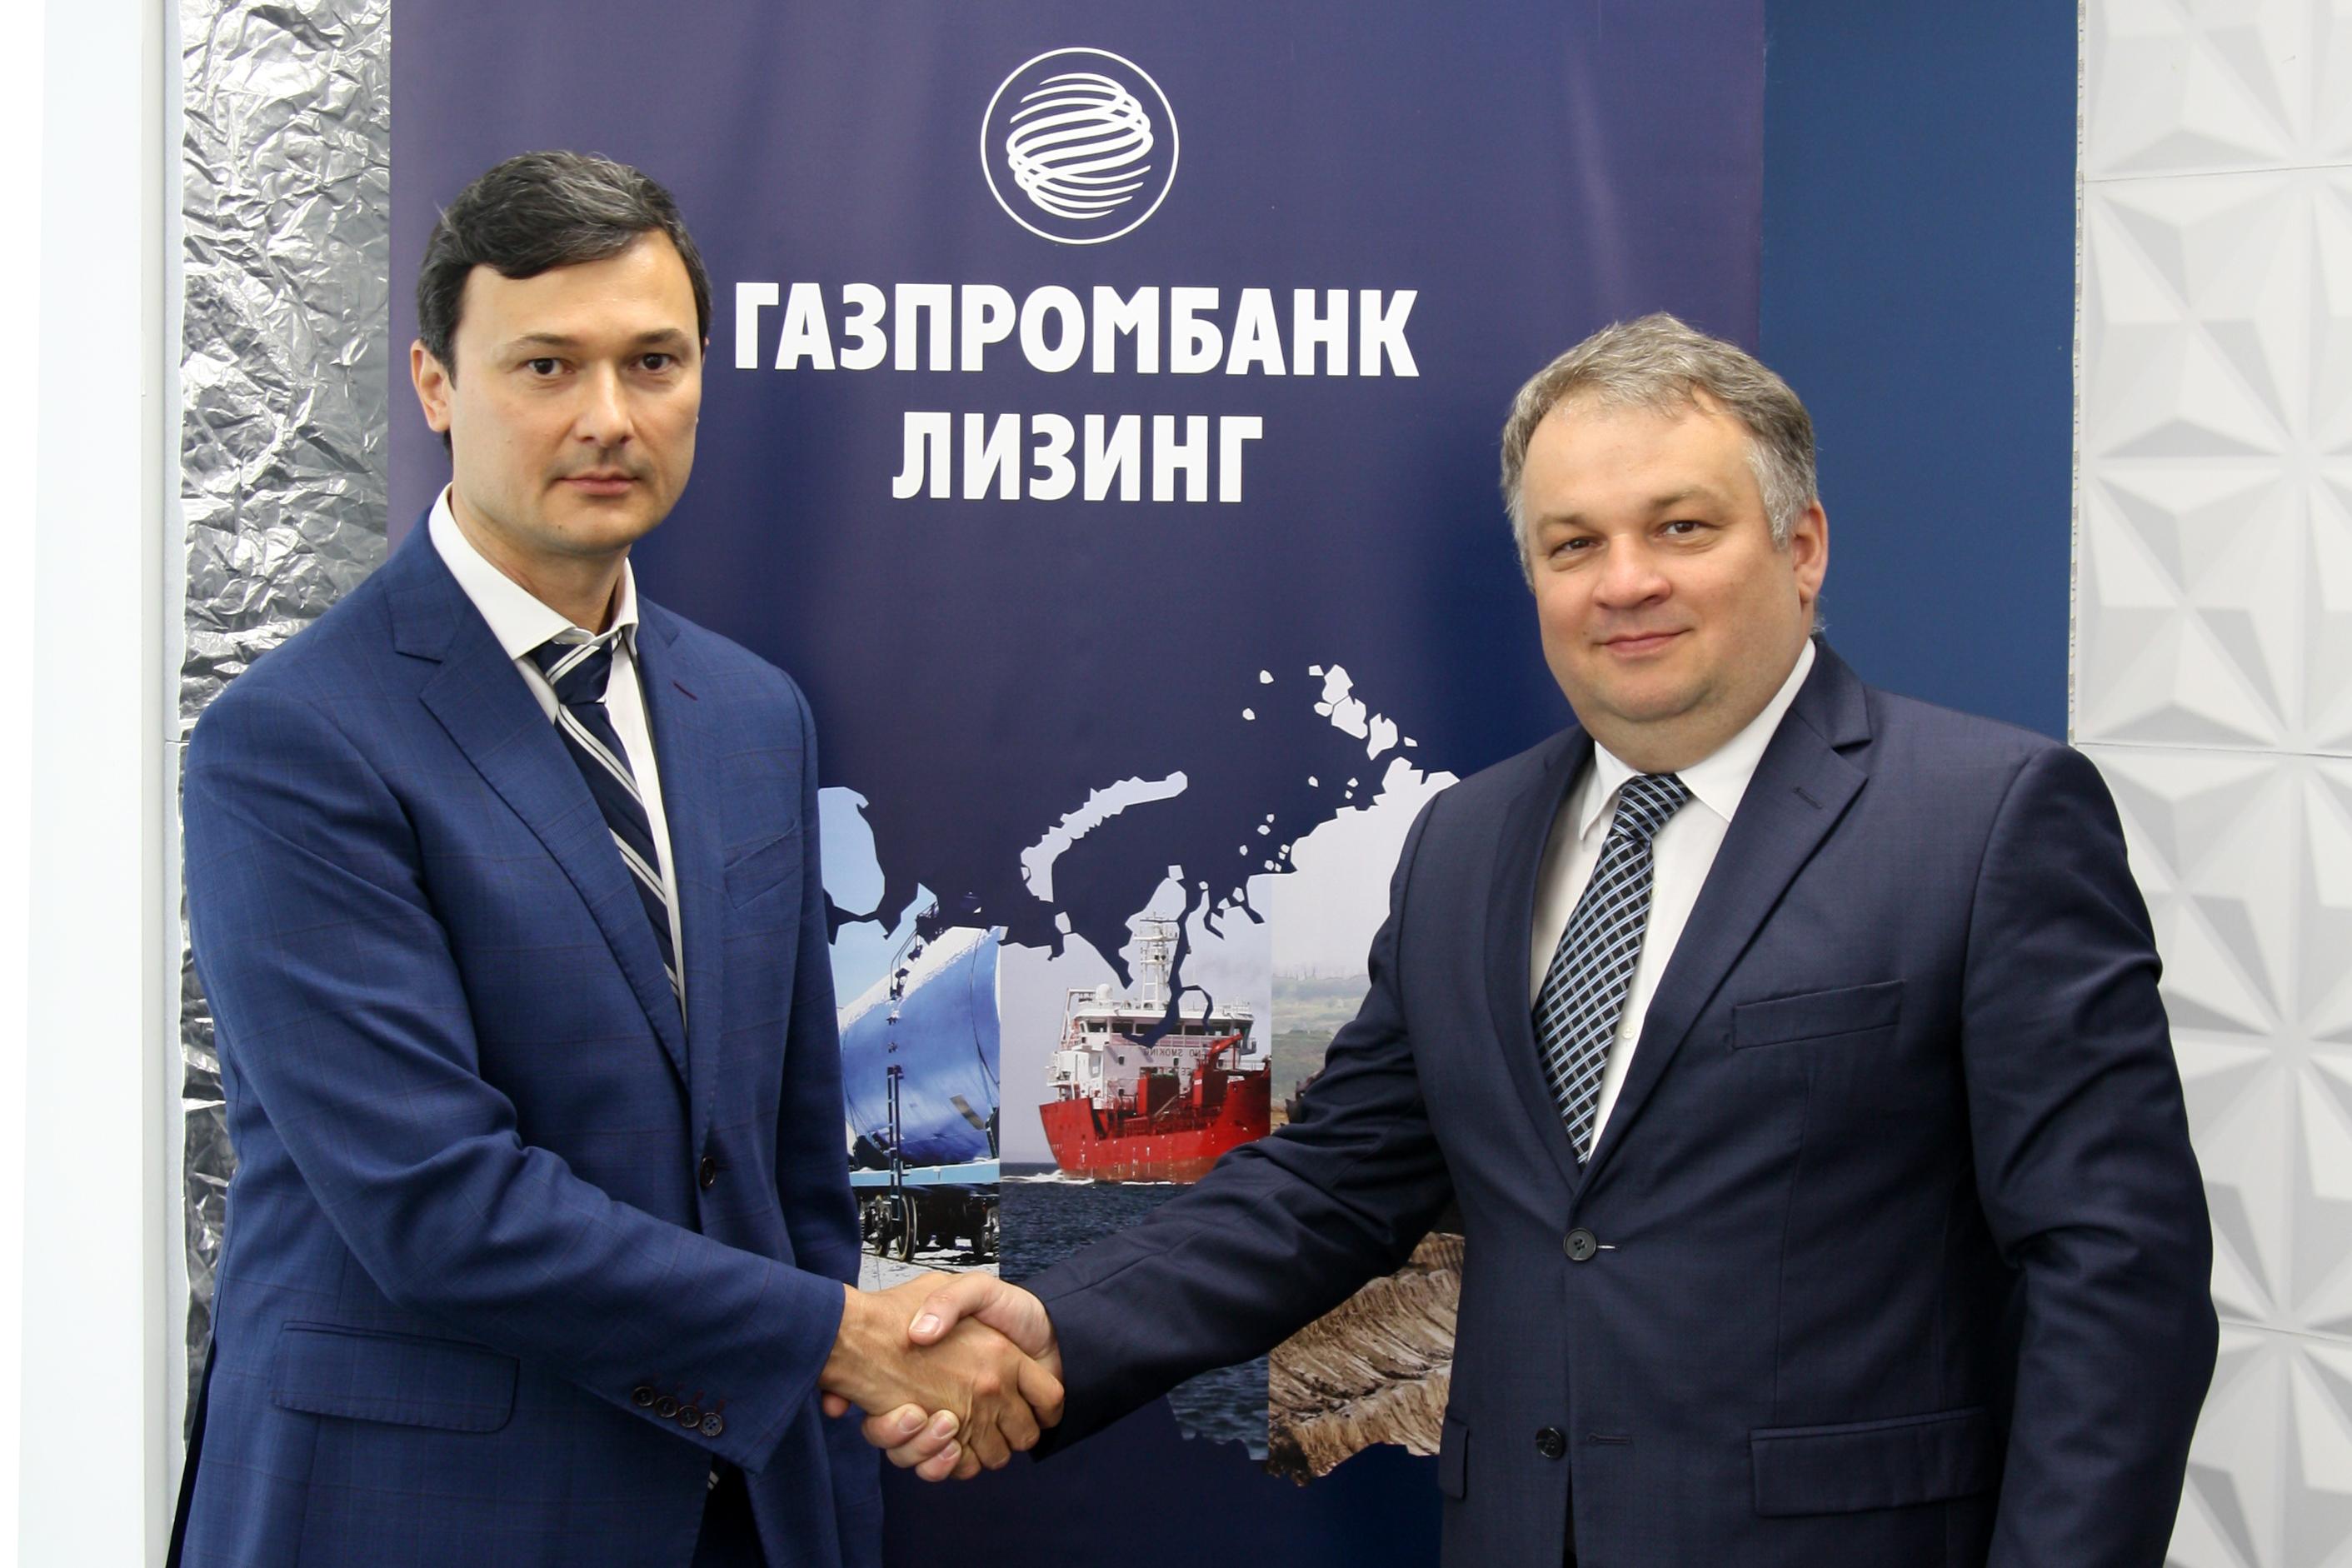 «КАМАЗ» и «Газпромбанк Лизинг» подписали меморандум о сотрудничестве